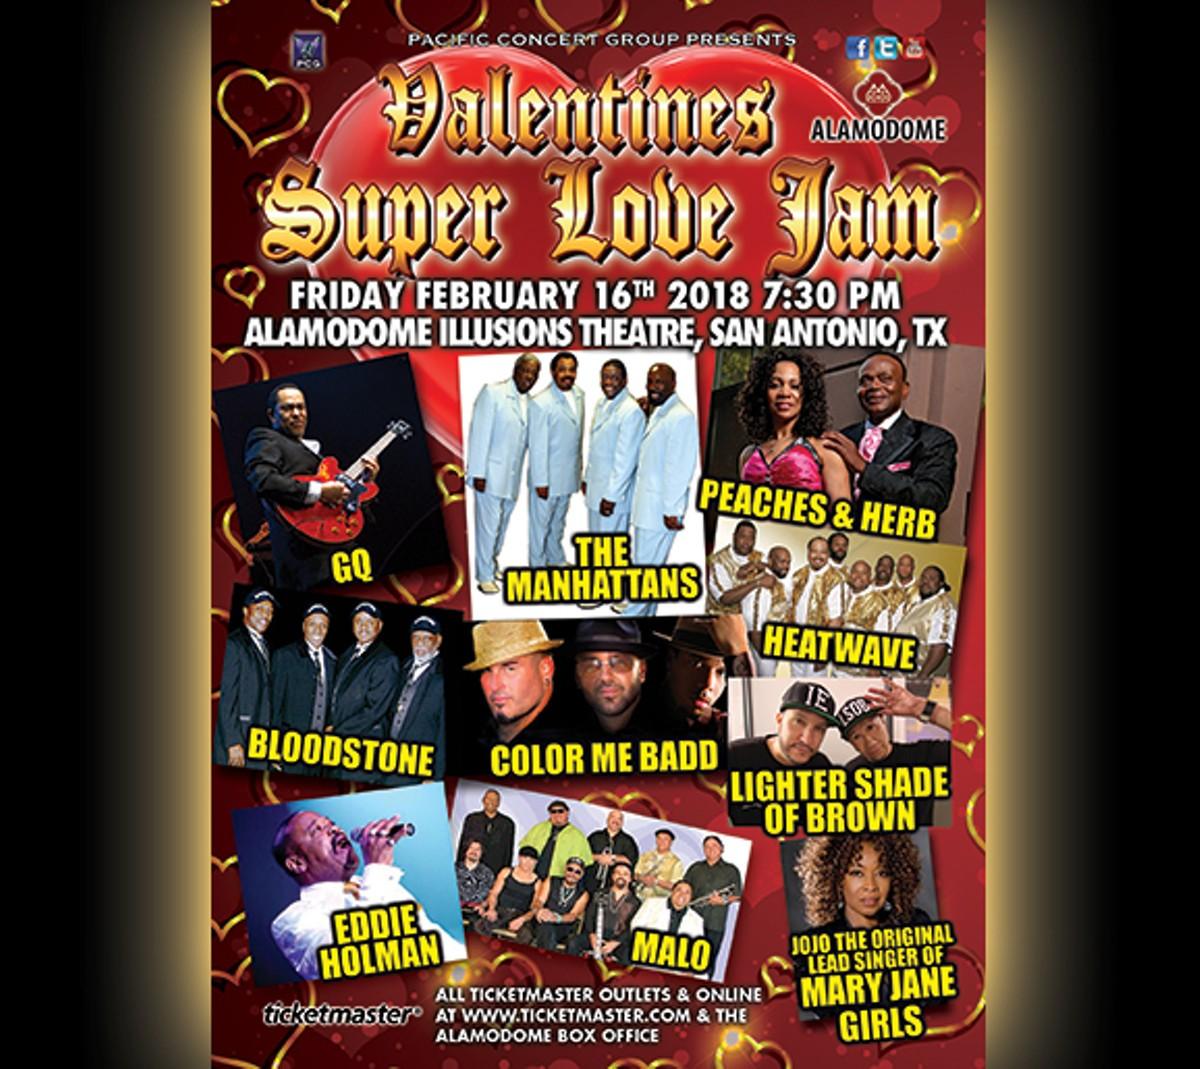 Valentines Super Love Jam Alamodome Live Music